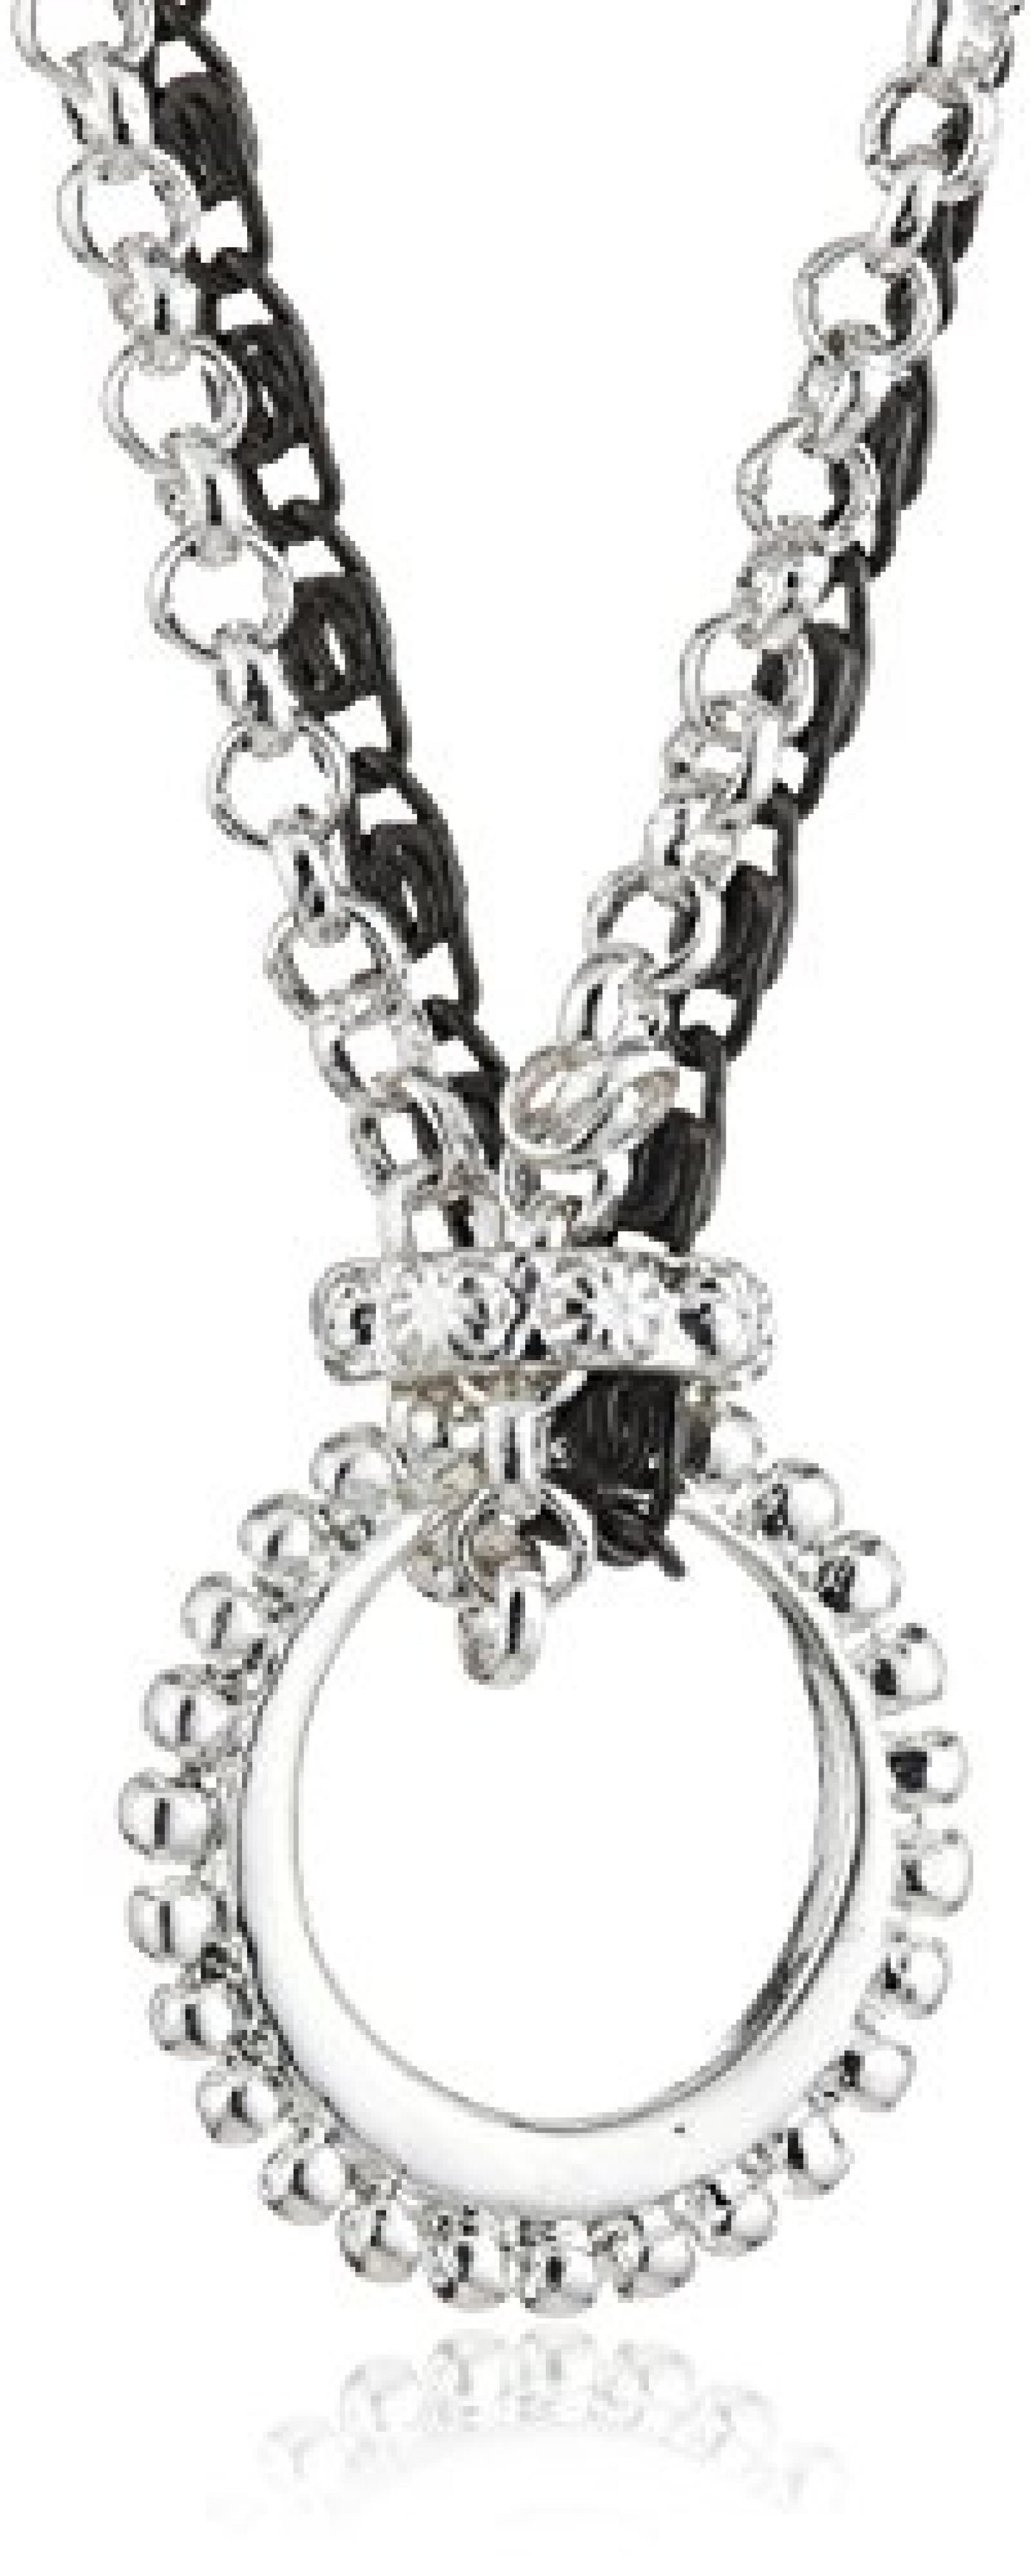 Pilgrim Damen-Halskette charms versilbert & metallmix 90 cm 40114-9002